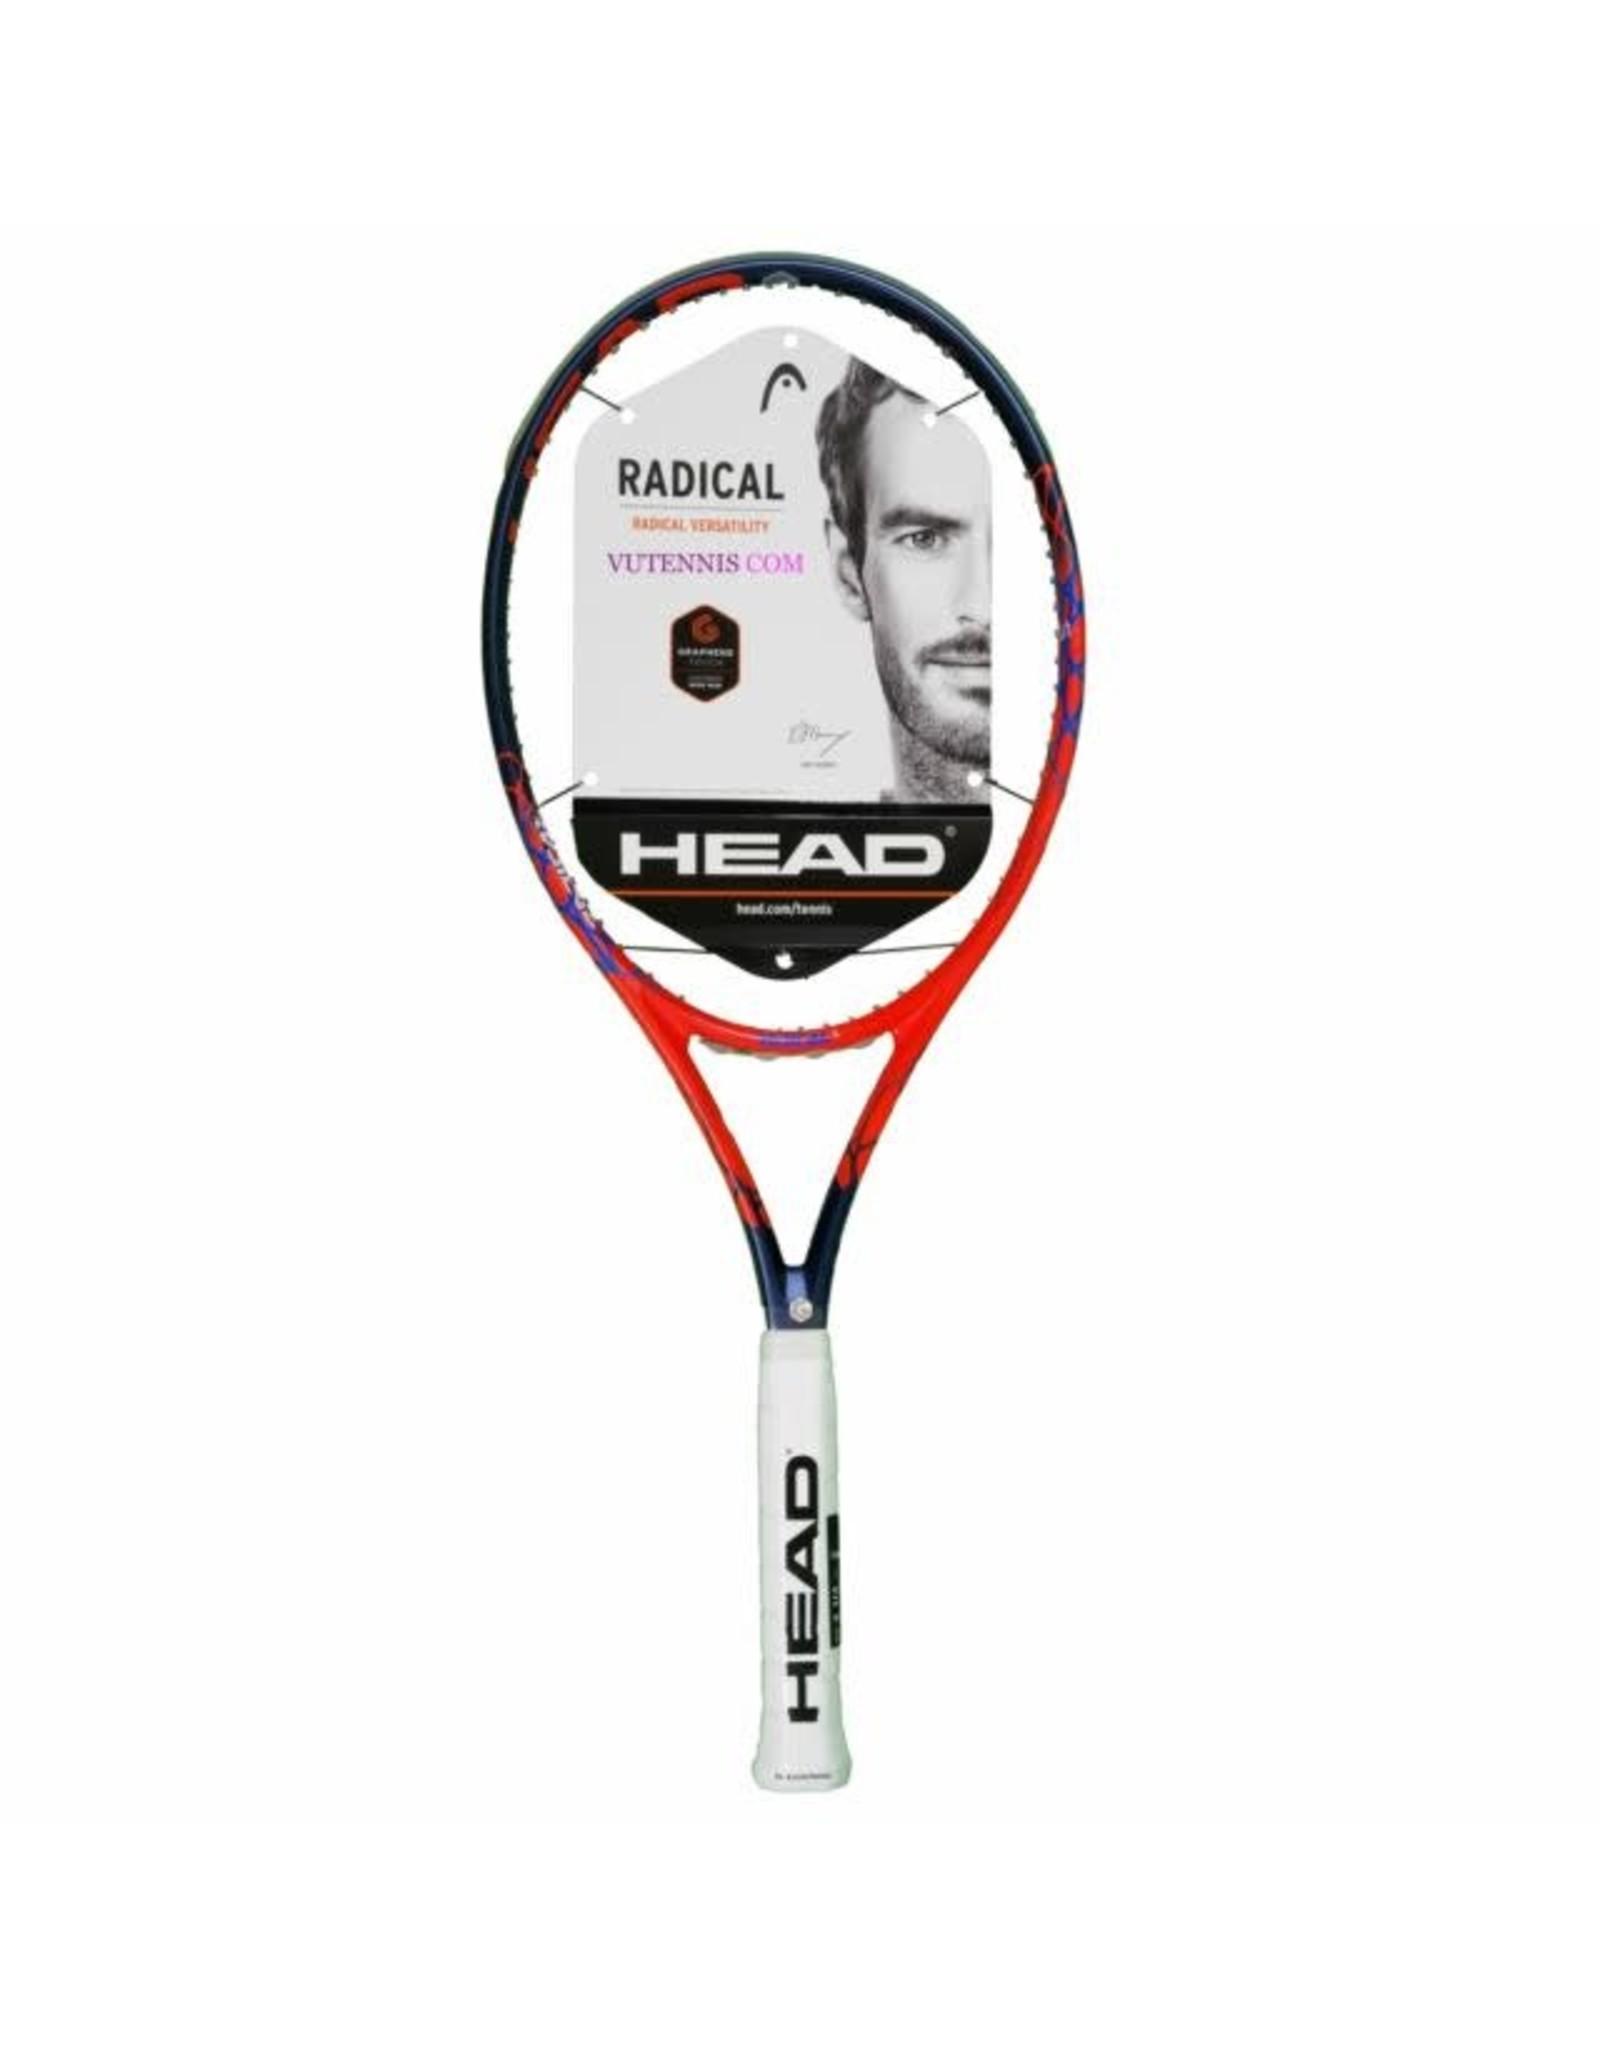 Head Head Radical S Tennis Racquet